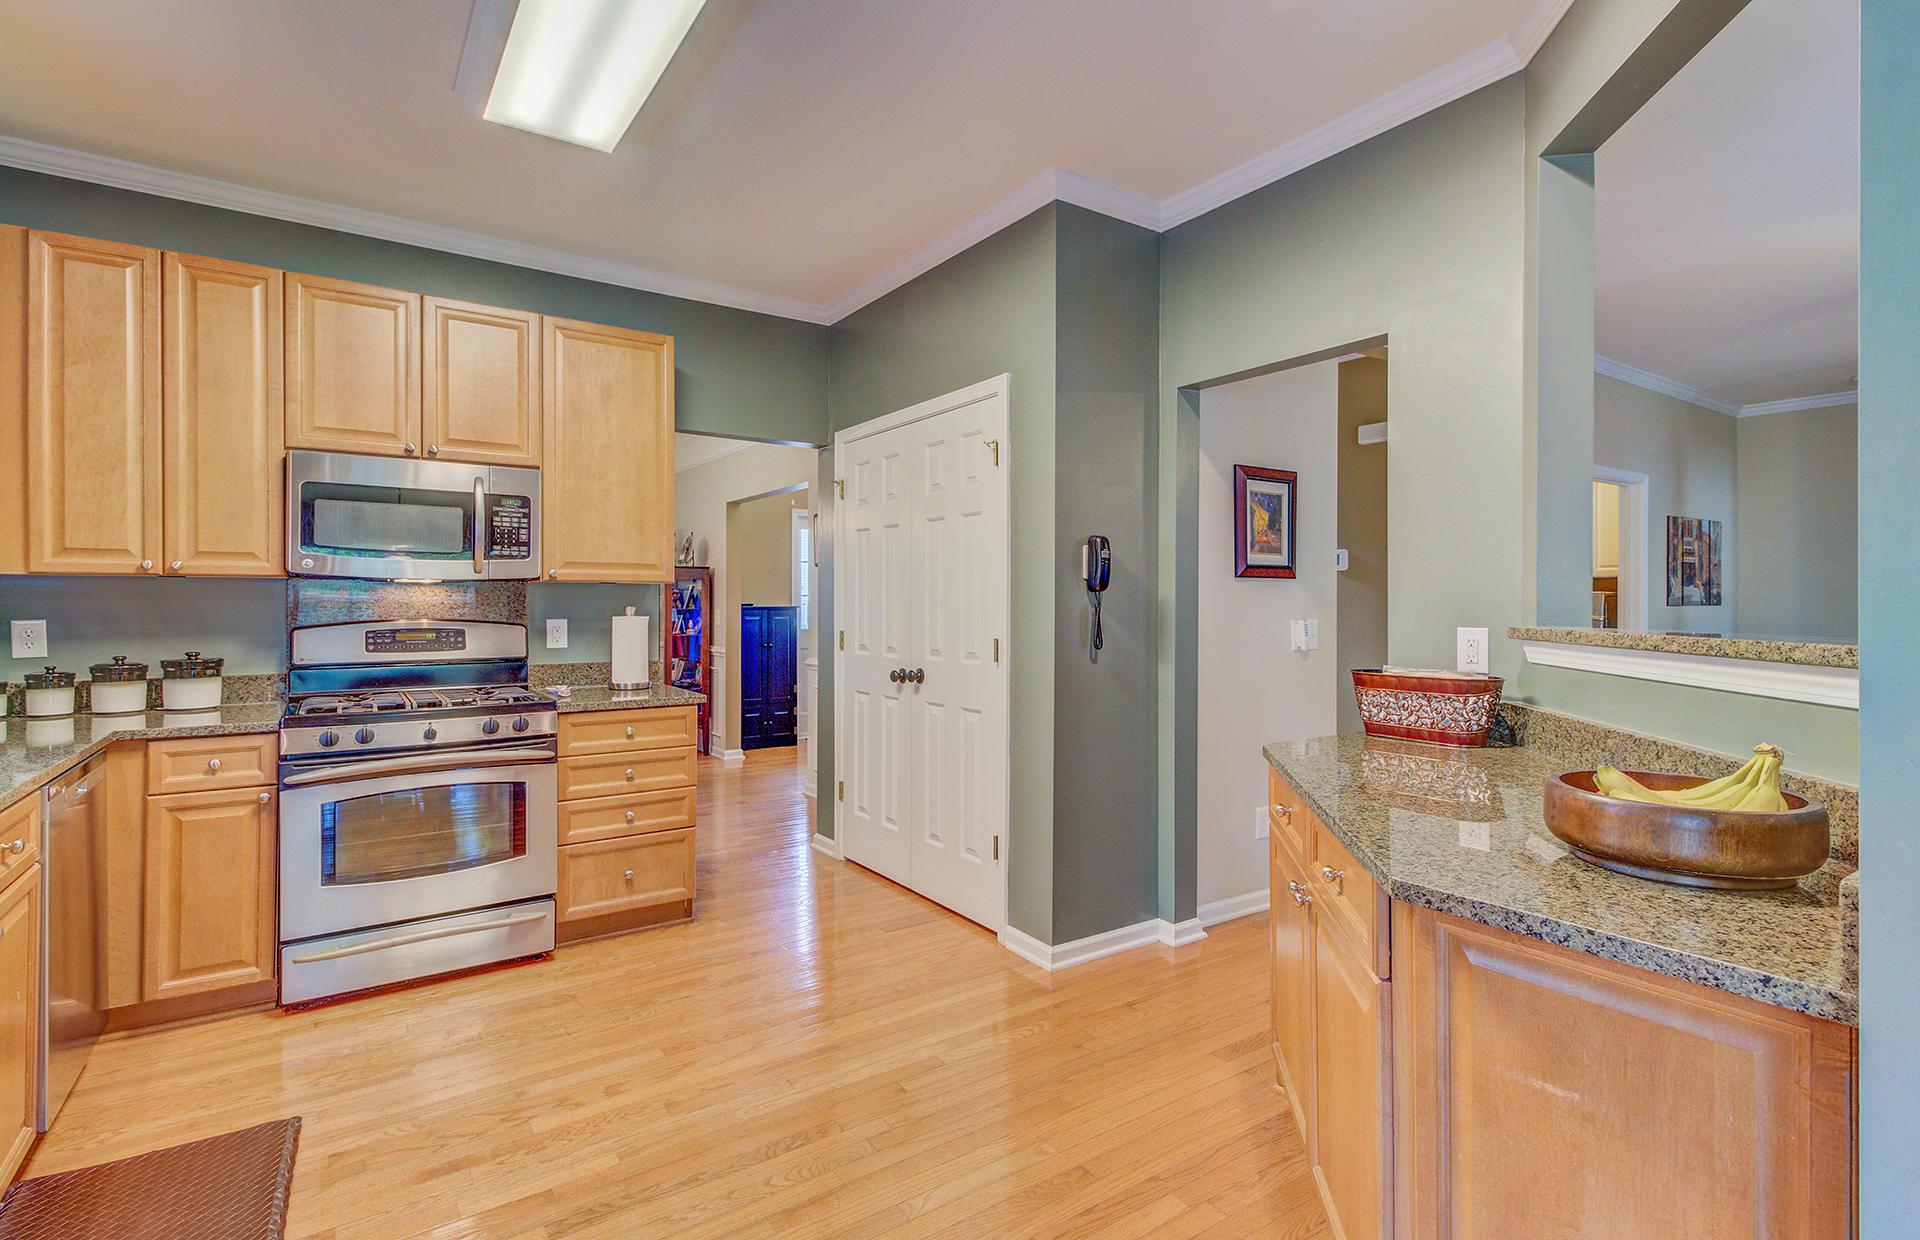 Park West Homes For Sale - 3120 Sonja, Mount Pleasant, SC - 39